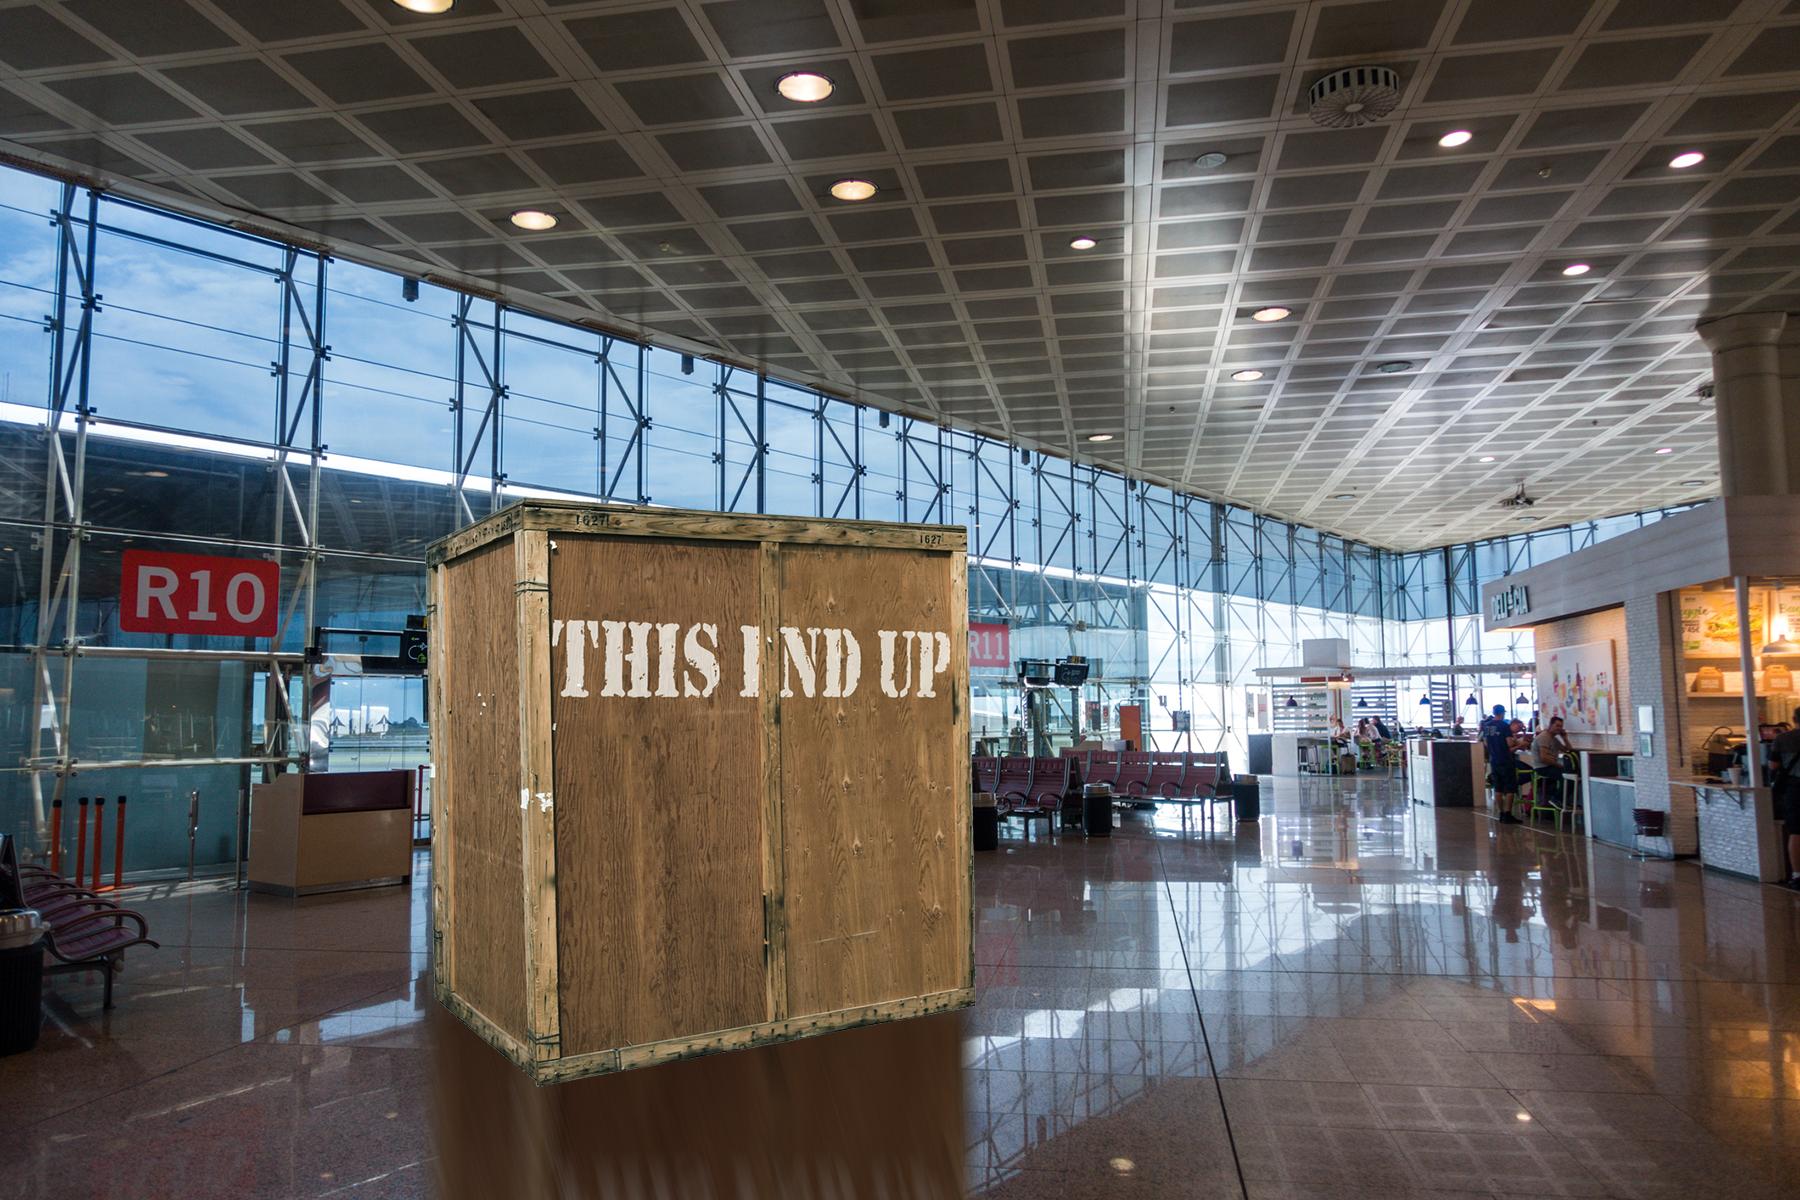 El aeropuerto de El Prat empieza a meter los viajeros en cajas para embarcarlos junto al equipaje